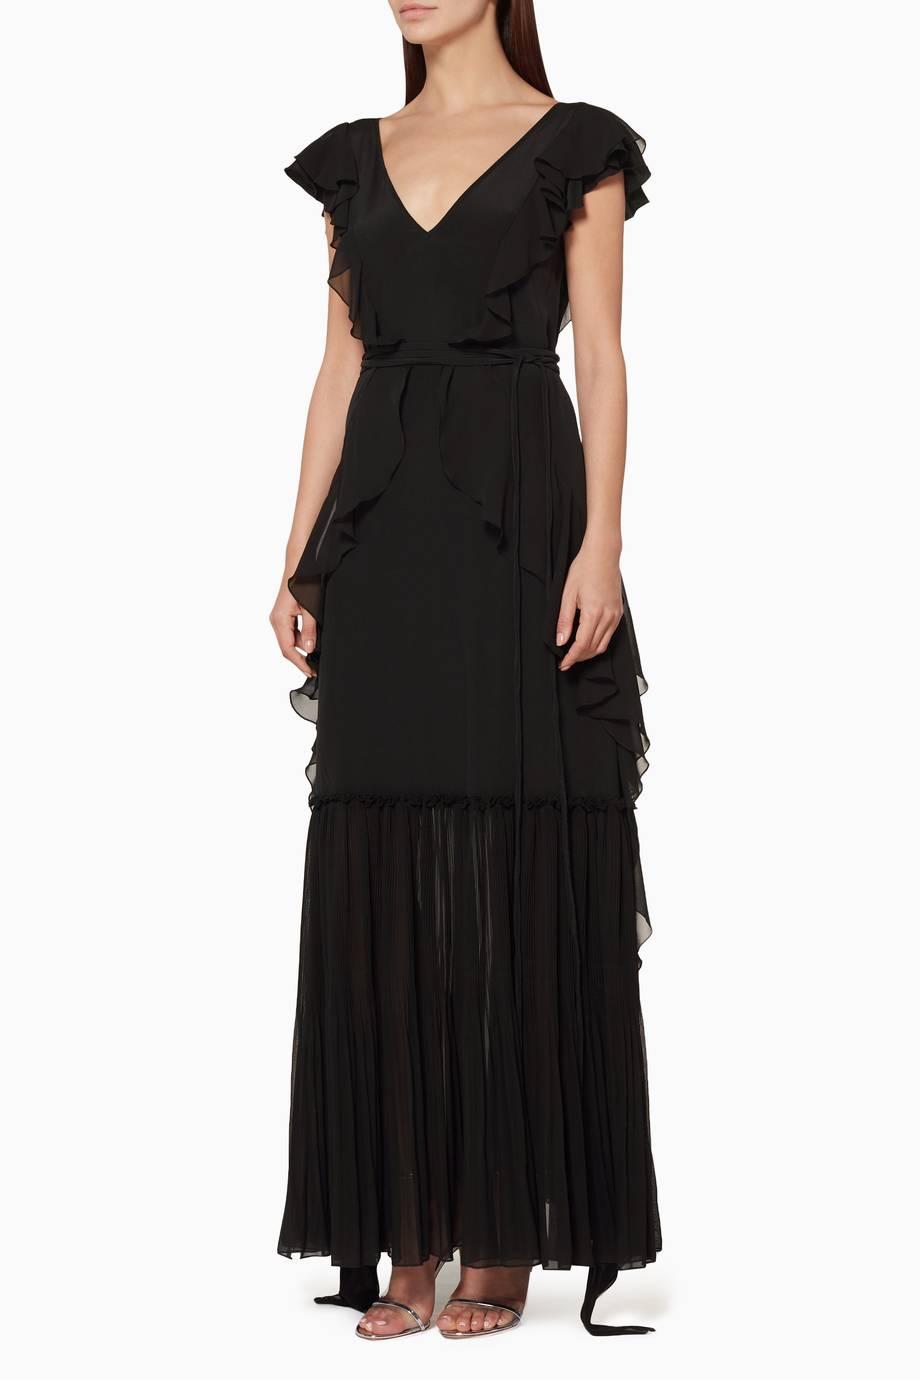 991e13aa39007 تسوق فستان ساند كشكش أسود من ان ذا مود فور لوف